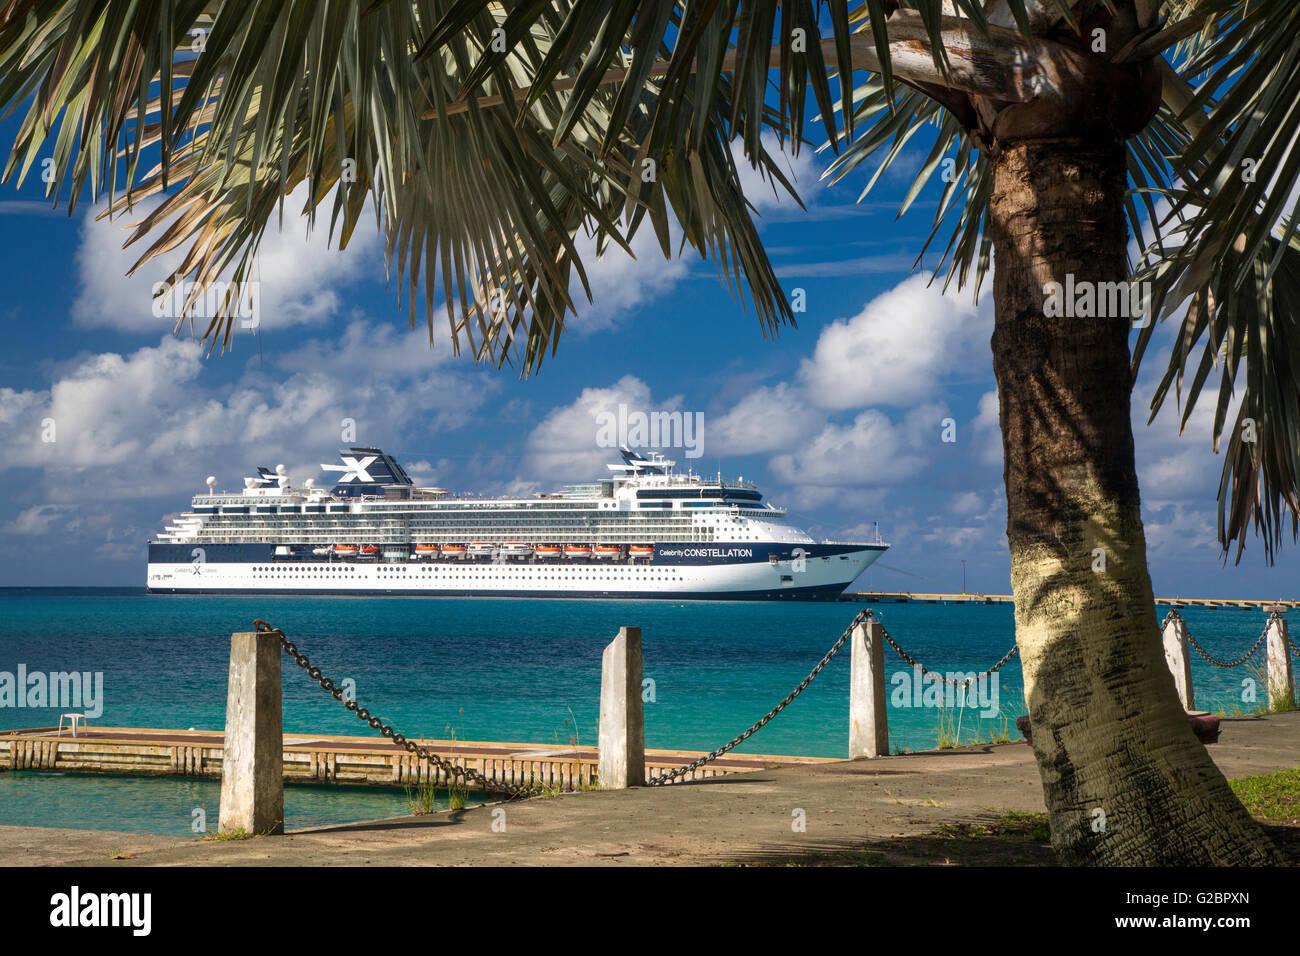 Celebrity constellation Kreuzfahrt Schiff angedockt an frederiksted, St. Croix, US Virgin Islands, West Indies Stockbild